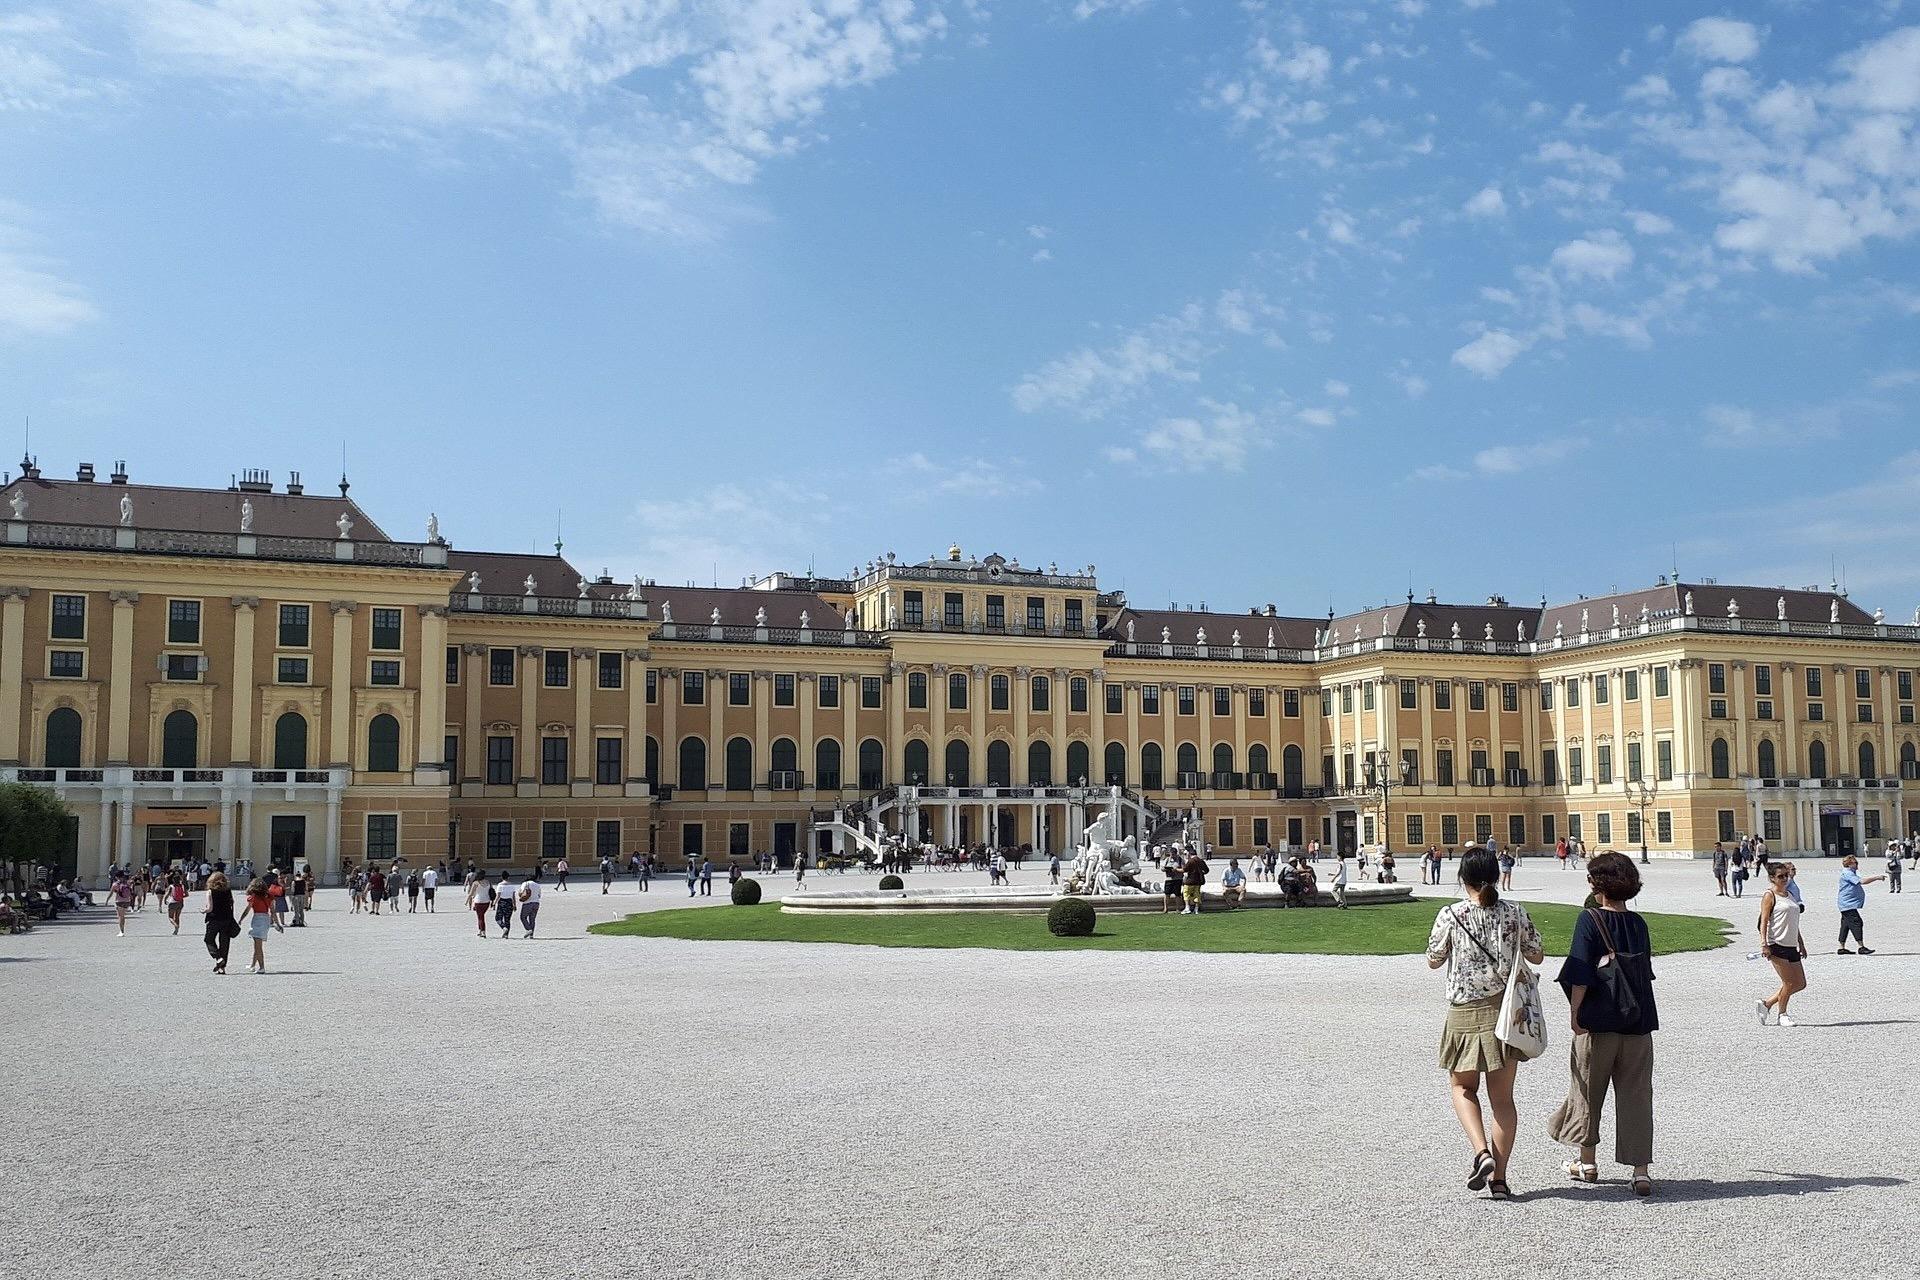 Wien mit dem Schloss Schönbrunn ist eine beliebte Städtereise